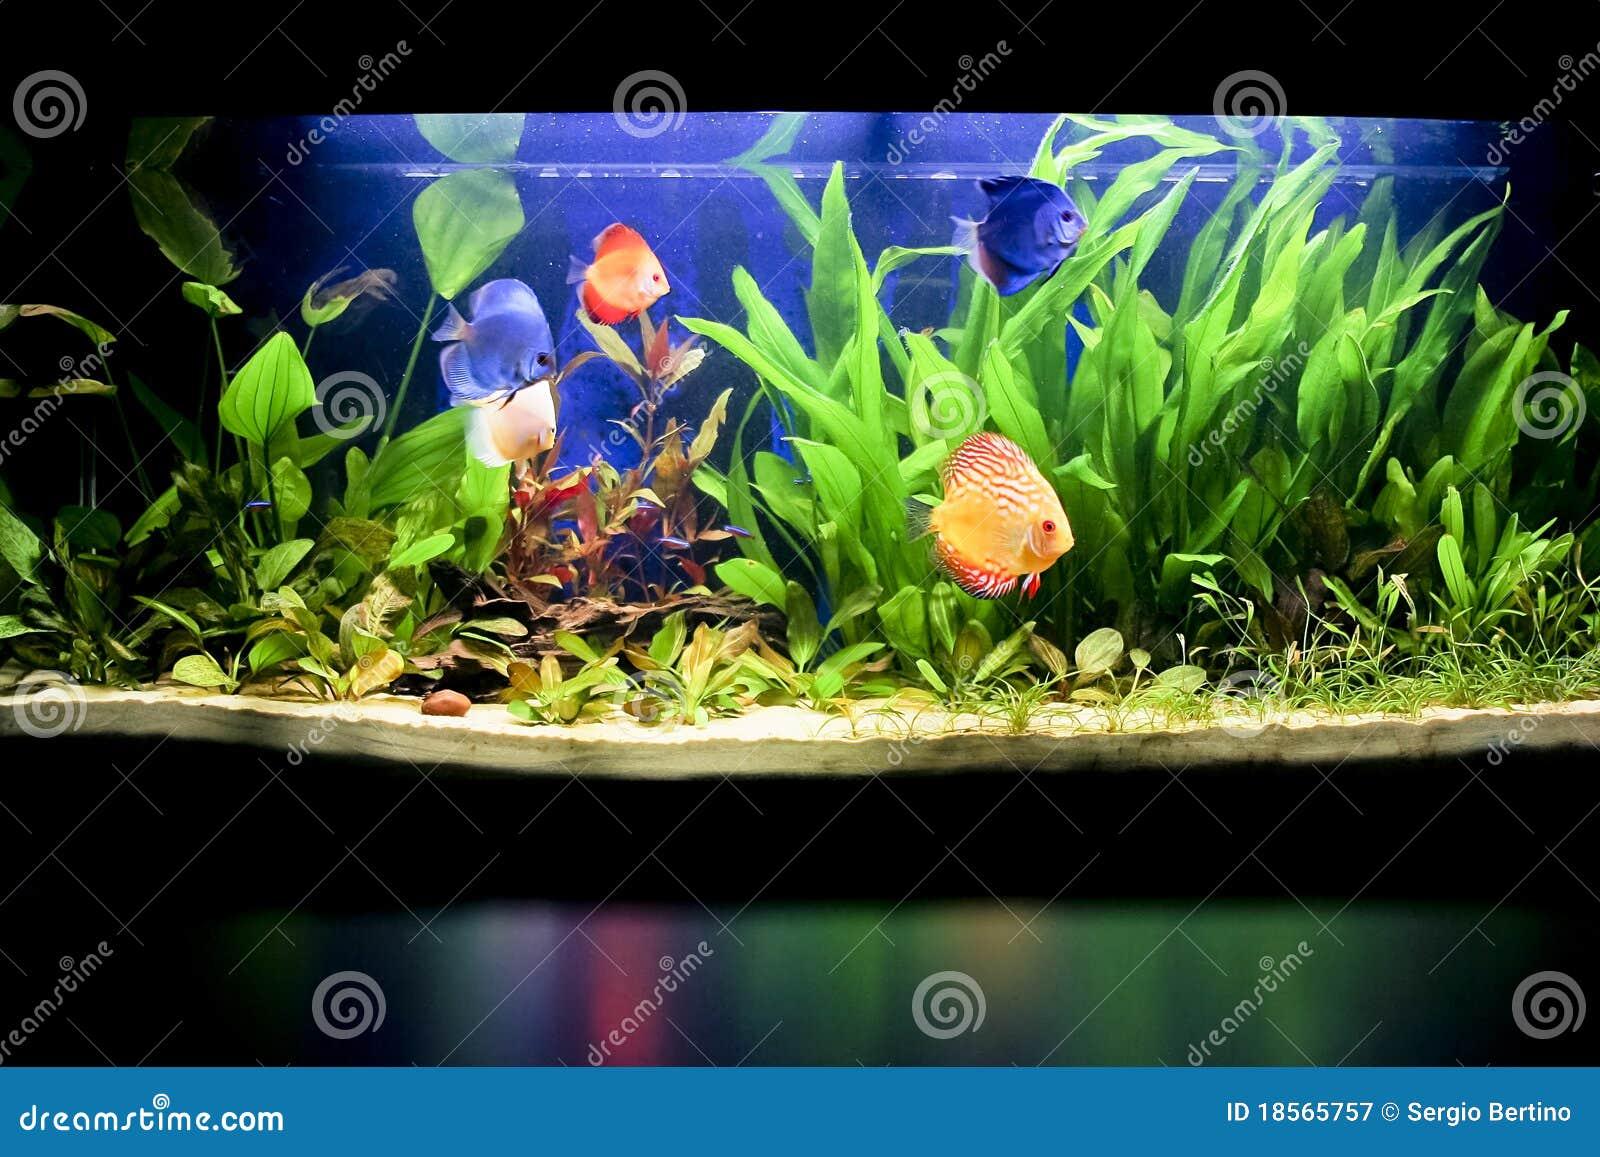 Acquario con alcuni fisches tropicali fotografia stock for Acquario prezzi